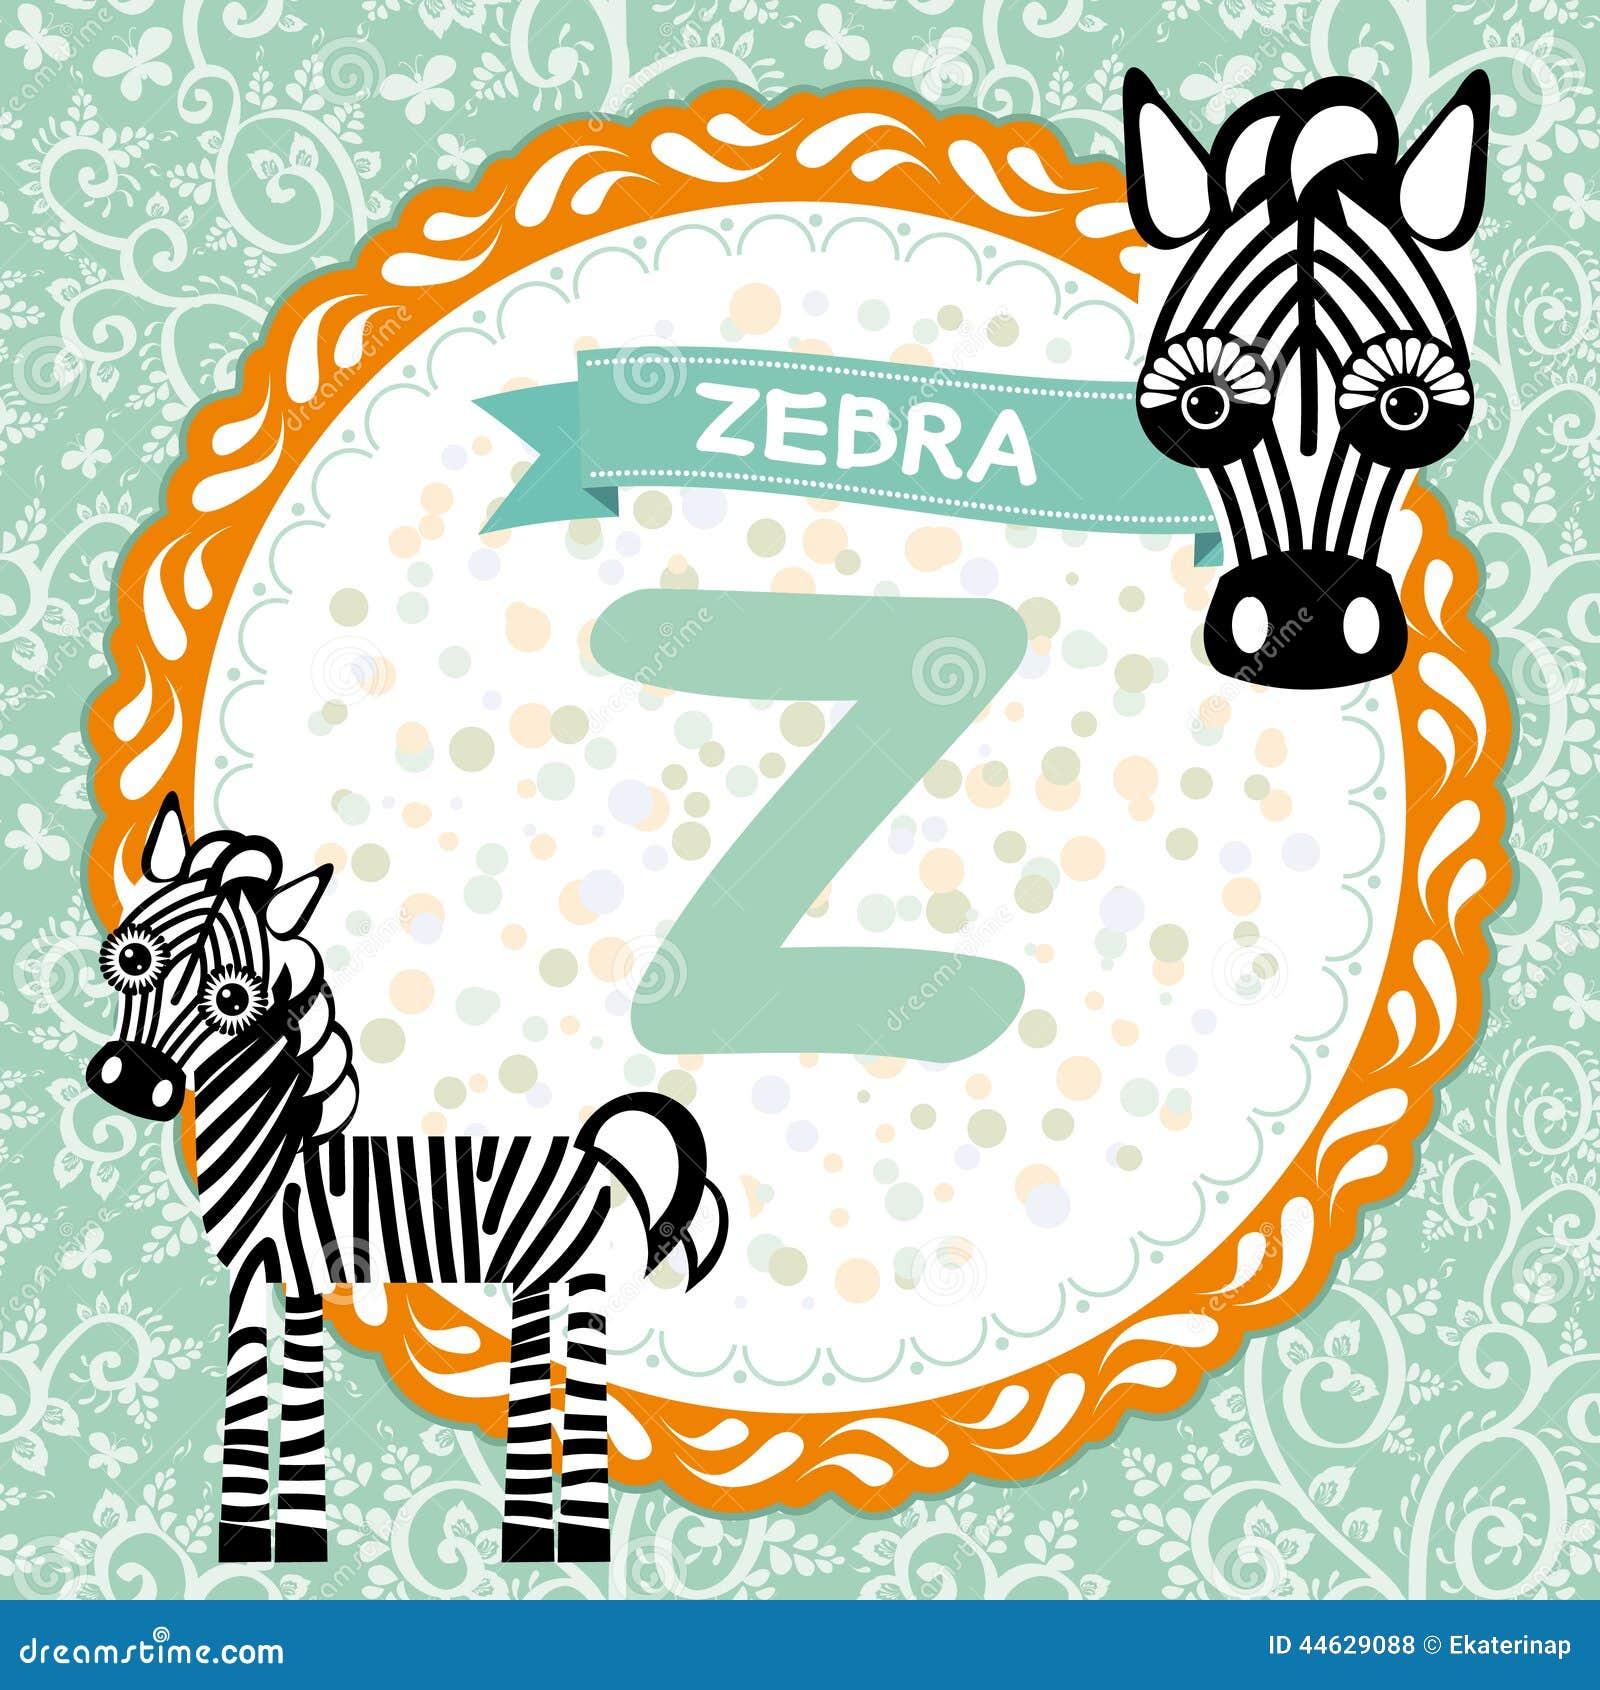 ABC-Tiere Z Ist Zebra Das Englische Alphabet Der Kinder Vektor Abbildung - Bild: 44629088